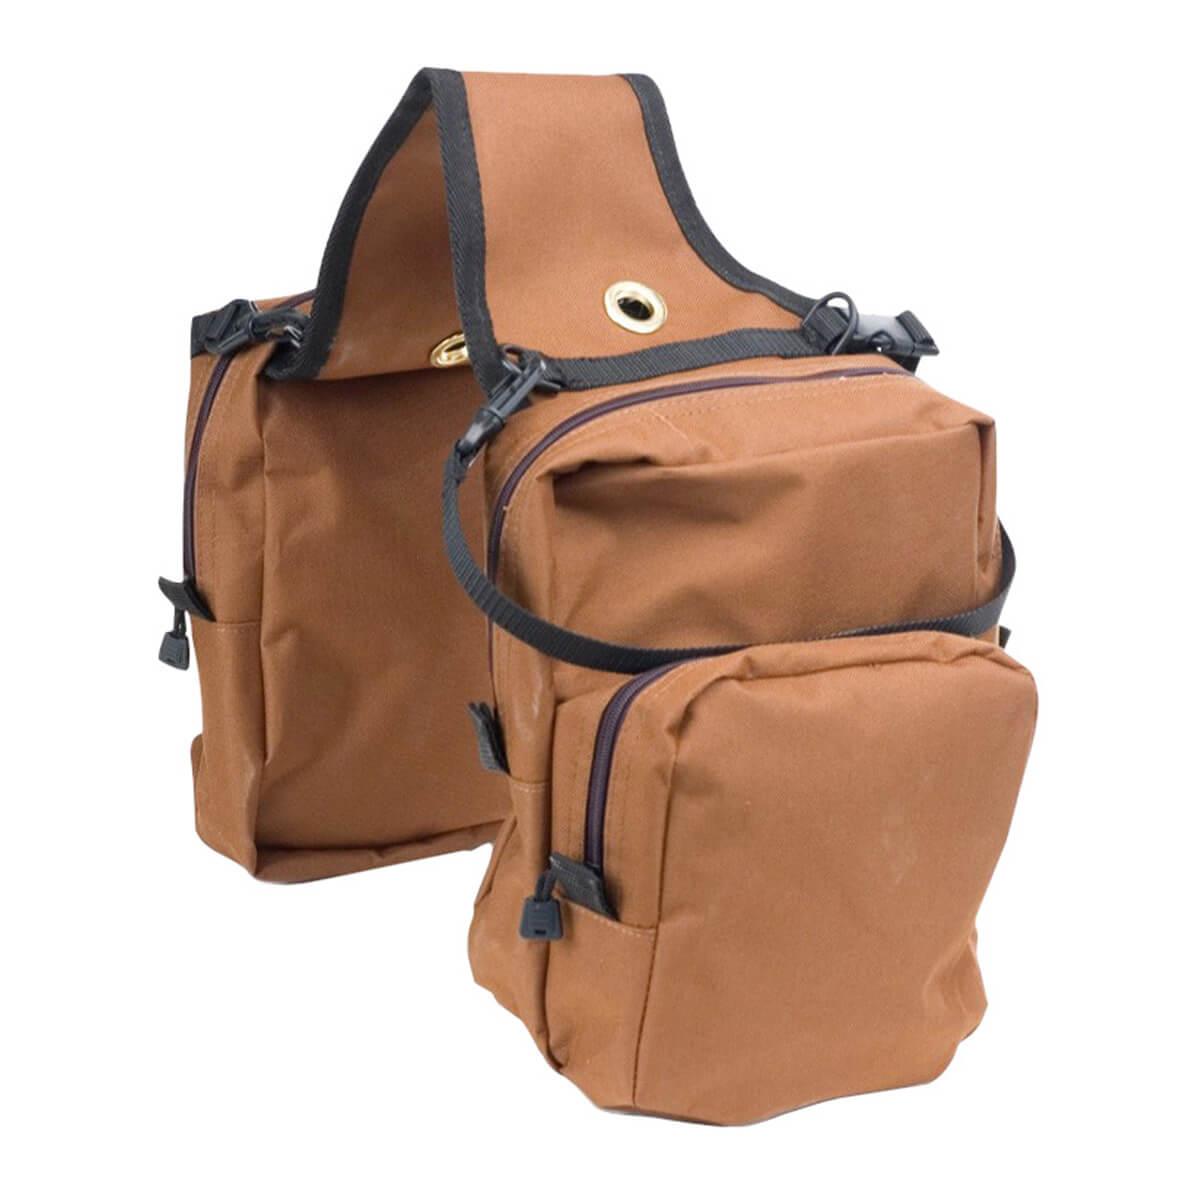 4 Pocket Saddle Bag